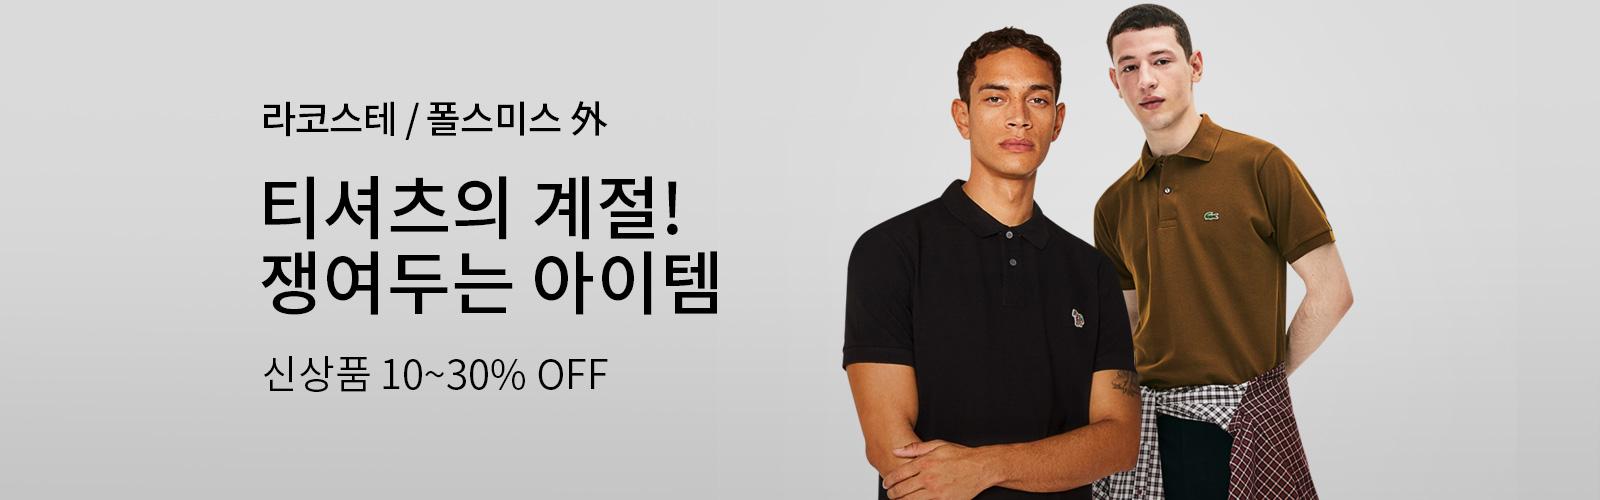 라코스테 / 폴스미스 外 티셔츠의 계절! 쟁여두는 아이템 신상품 10~30% OFF